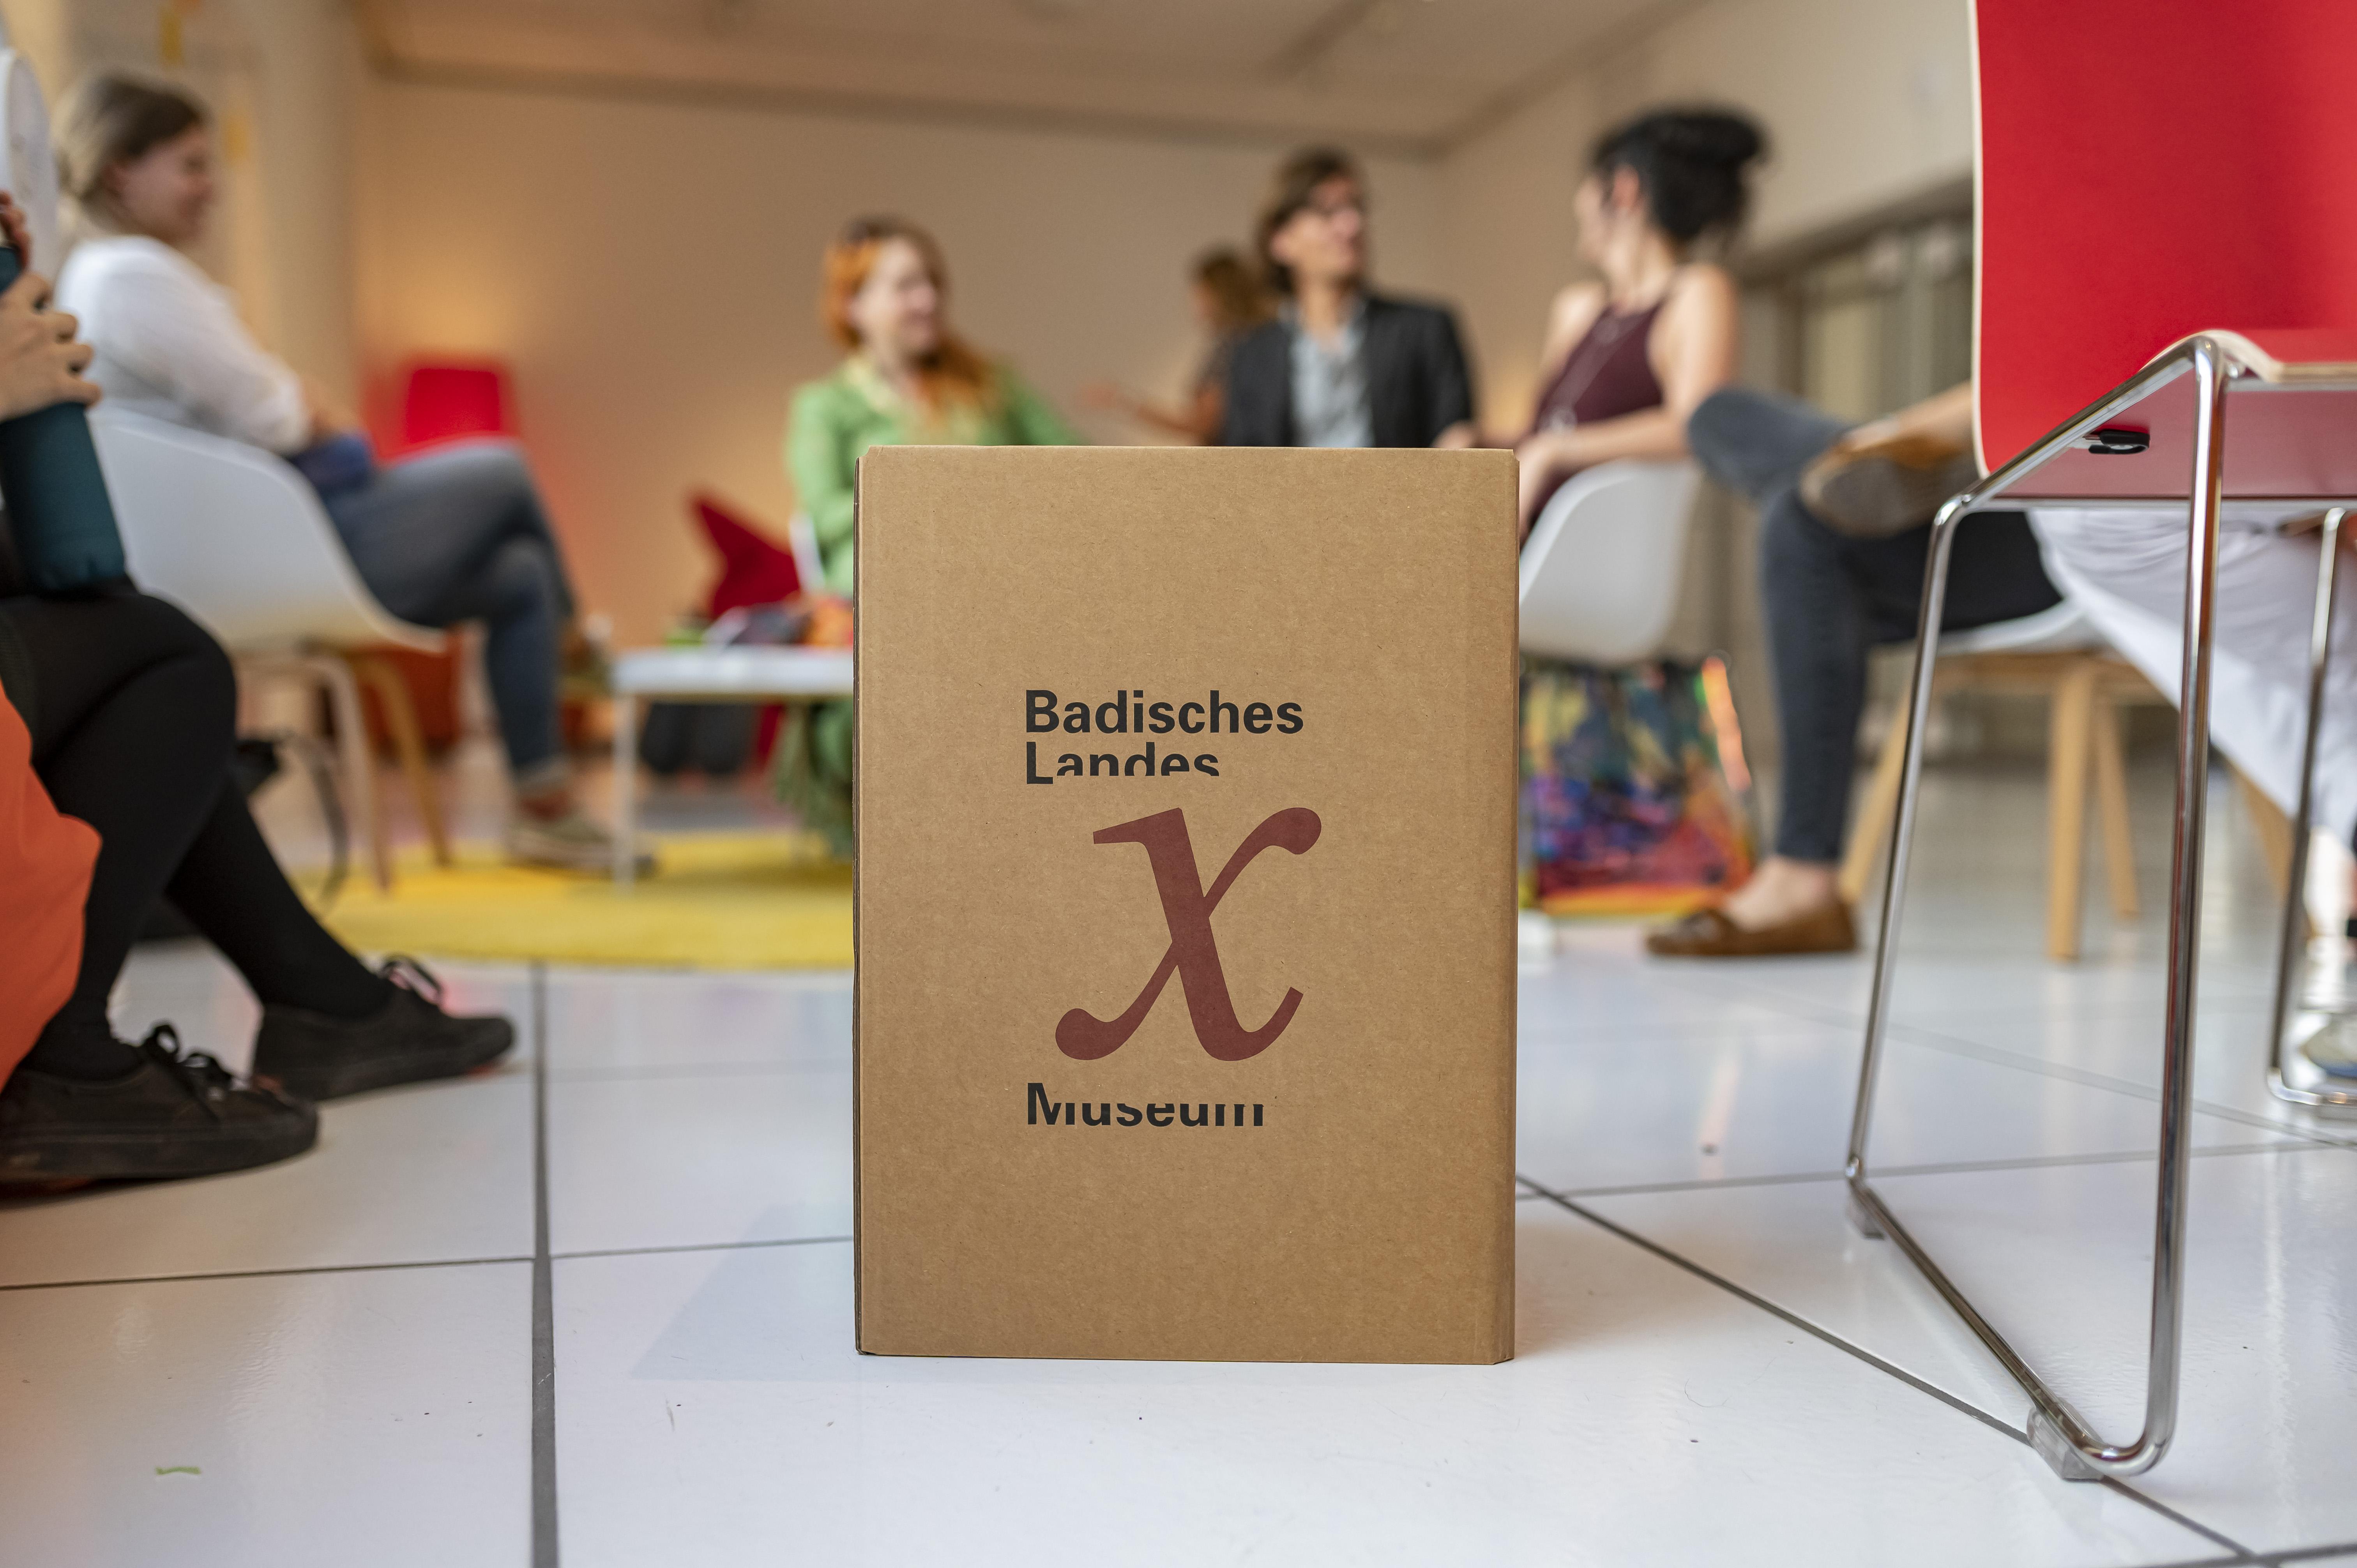 Menschen sitzen im Halbkreis und unterhalten sich, im Vordergrund eine Kiste mit der Aufschrift museum x. © Badisches Landesmuseum - Foto ARTIS - Uli Deck